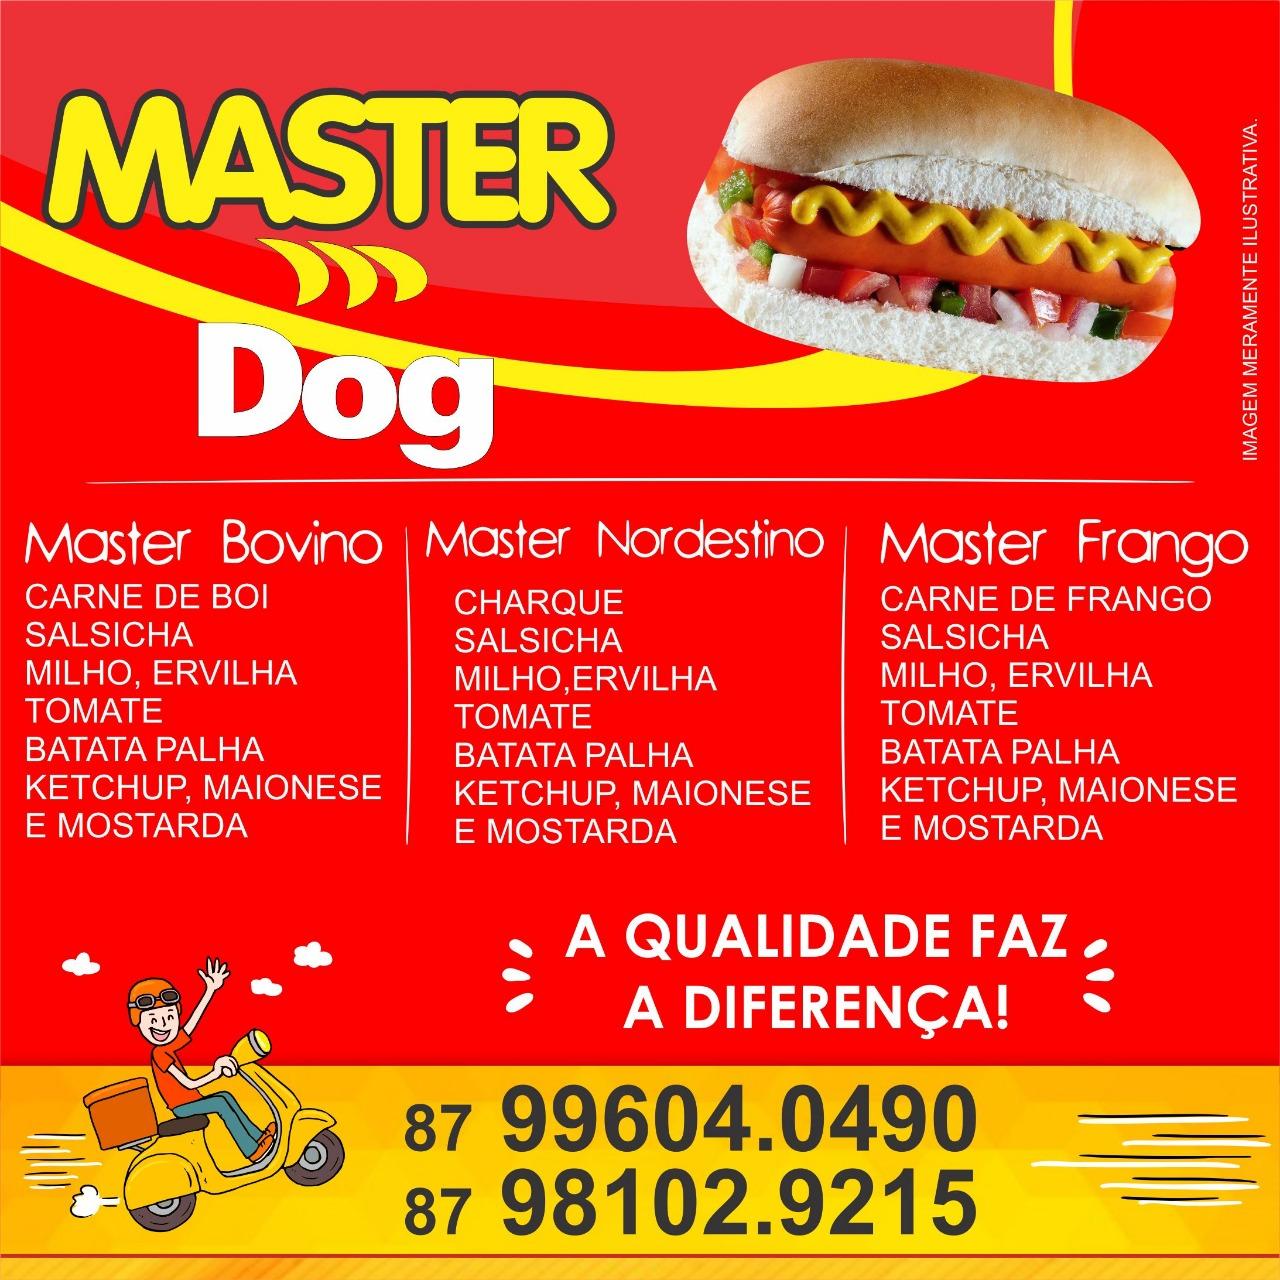 Master dog Delivery o melhor da cidade!